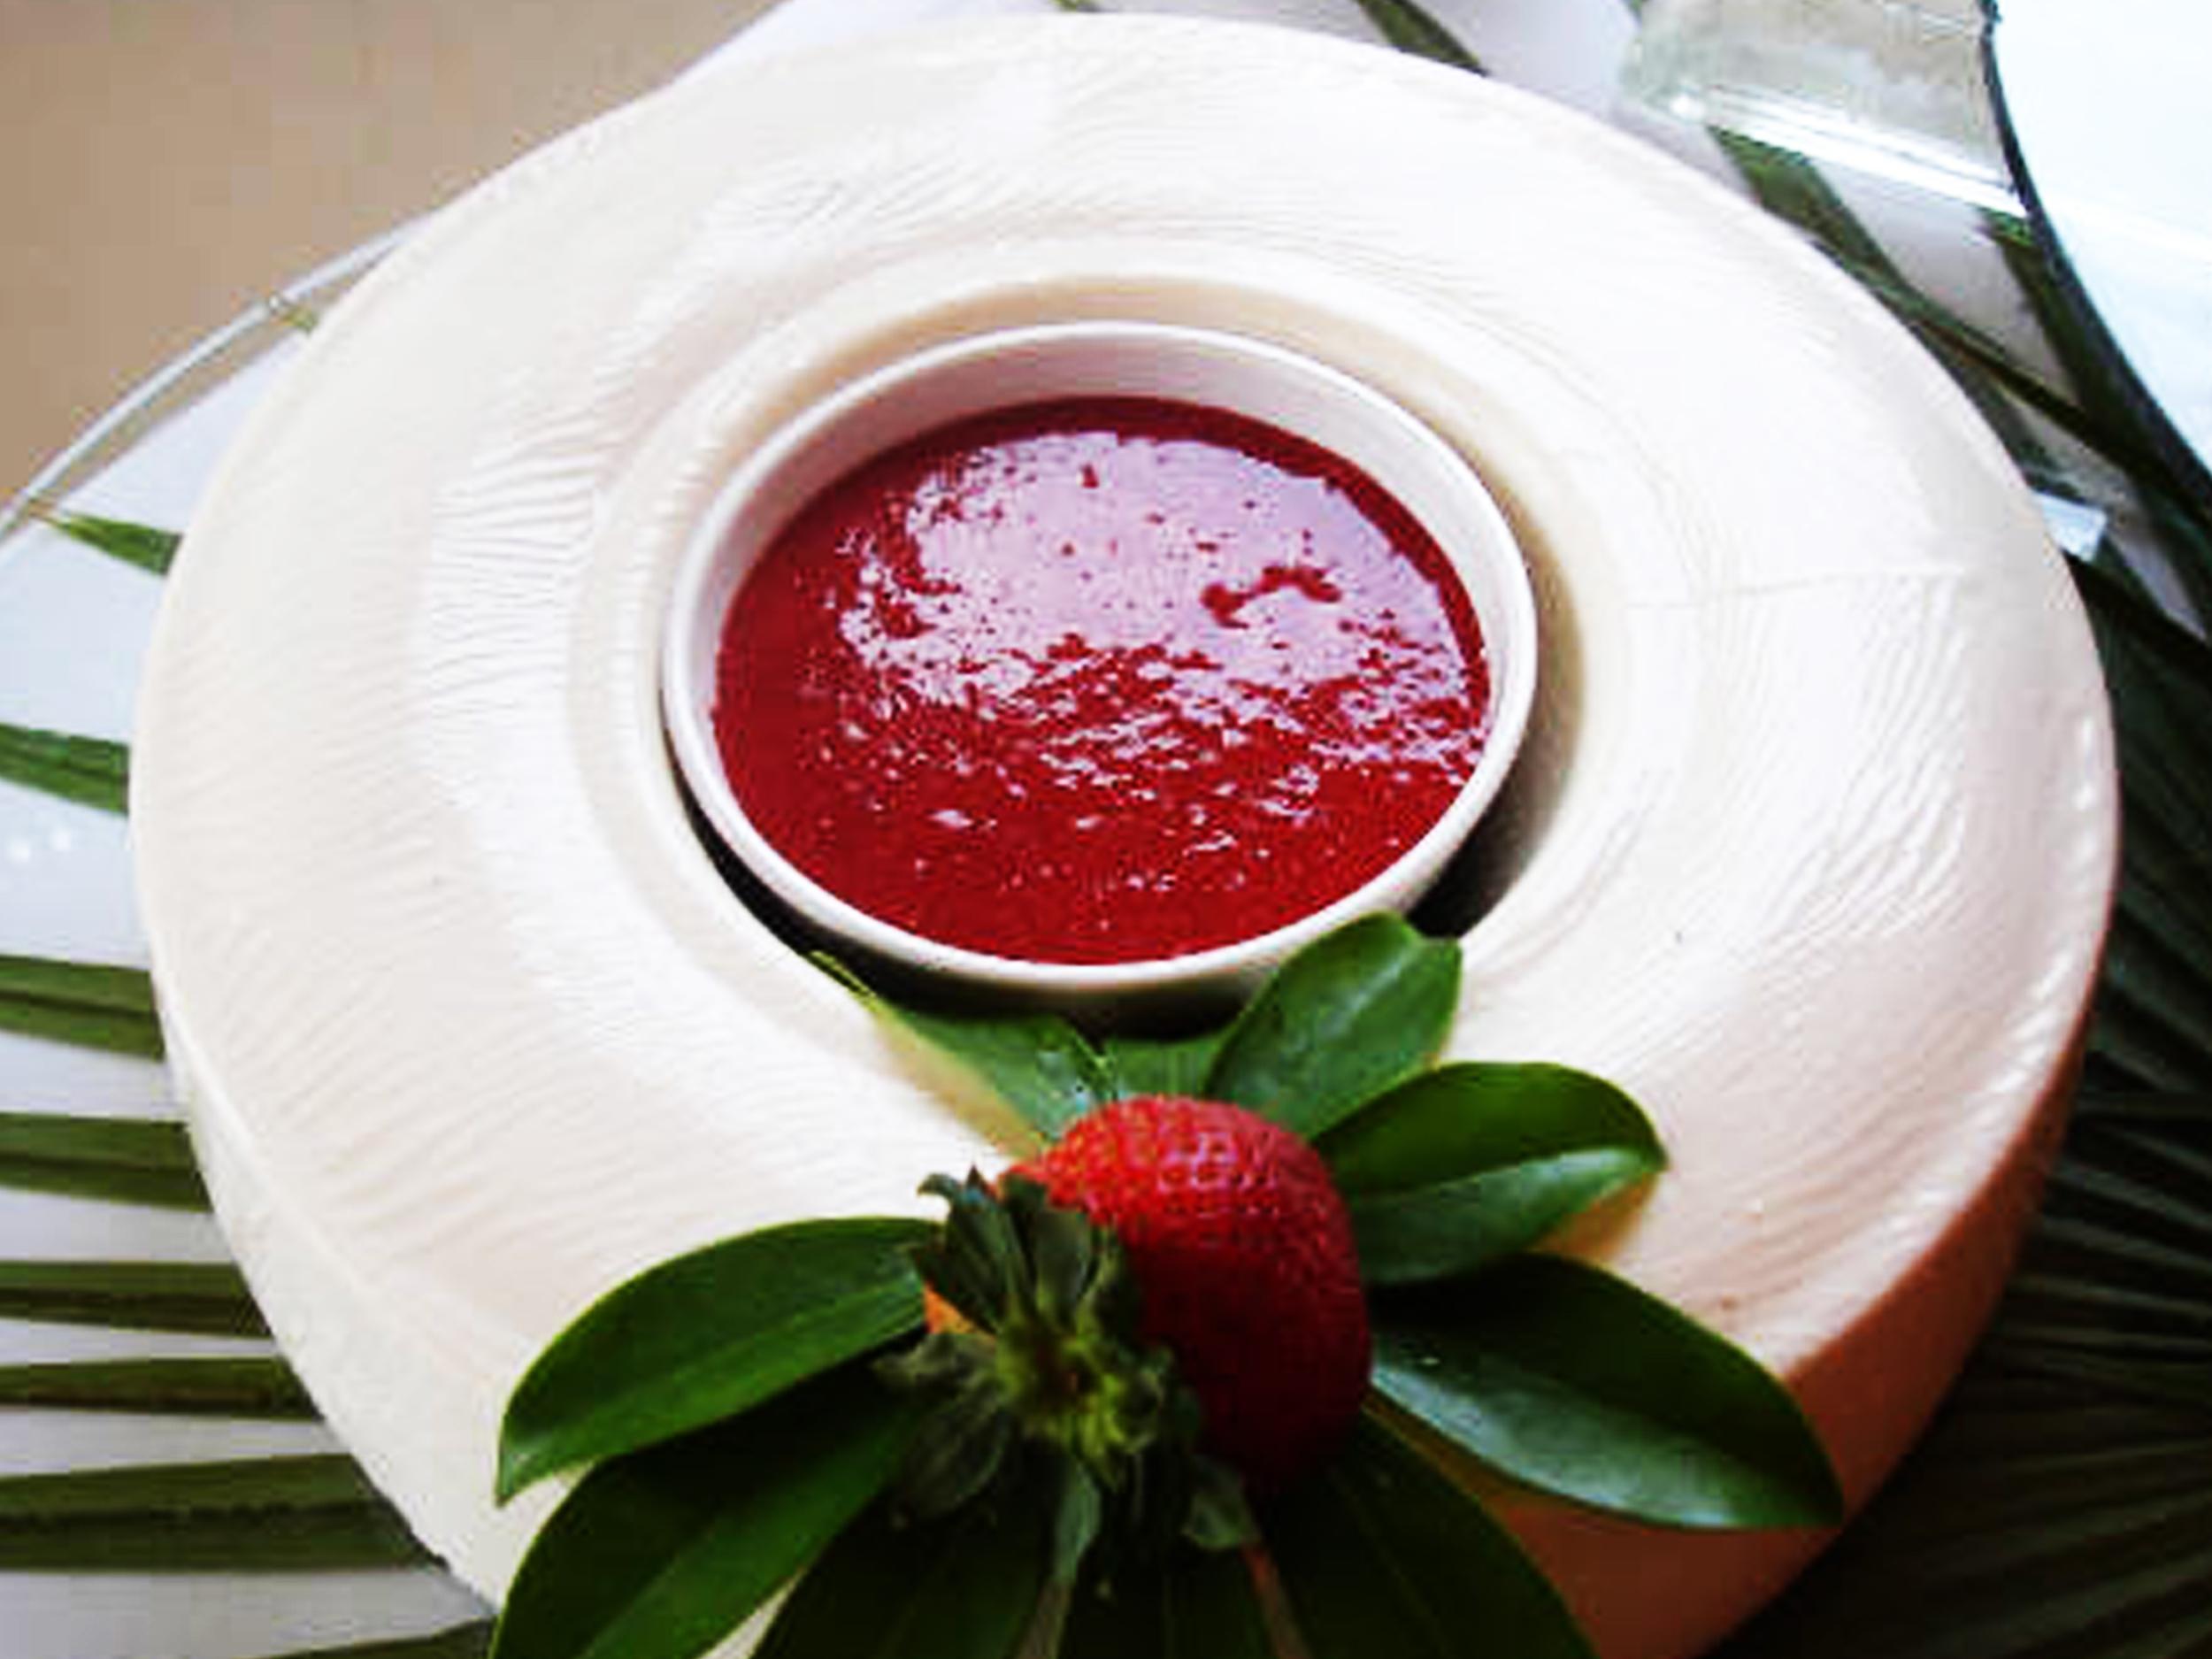 Gelatina de Yougurt  Geltina de yougurt con salsa de frutas PRECIO: Chica$250.00 Grande $ 370.00